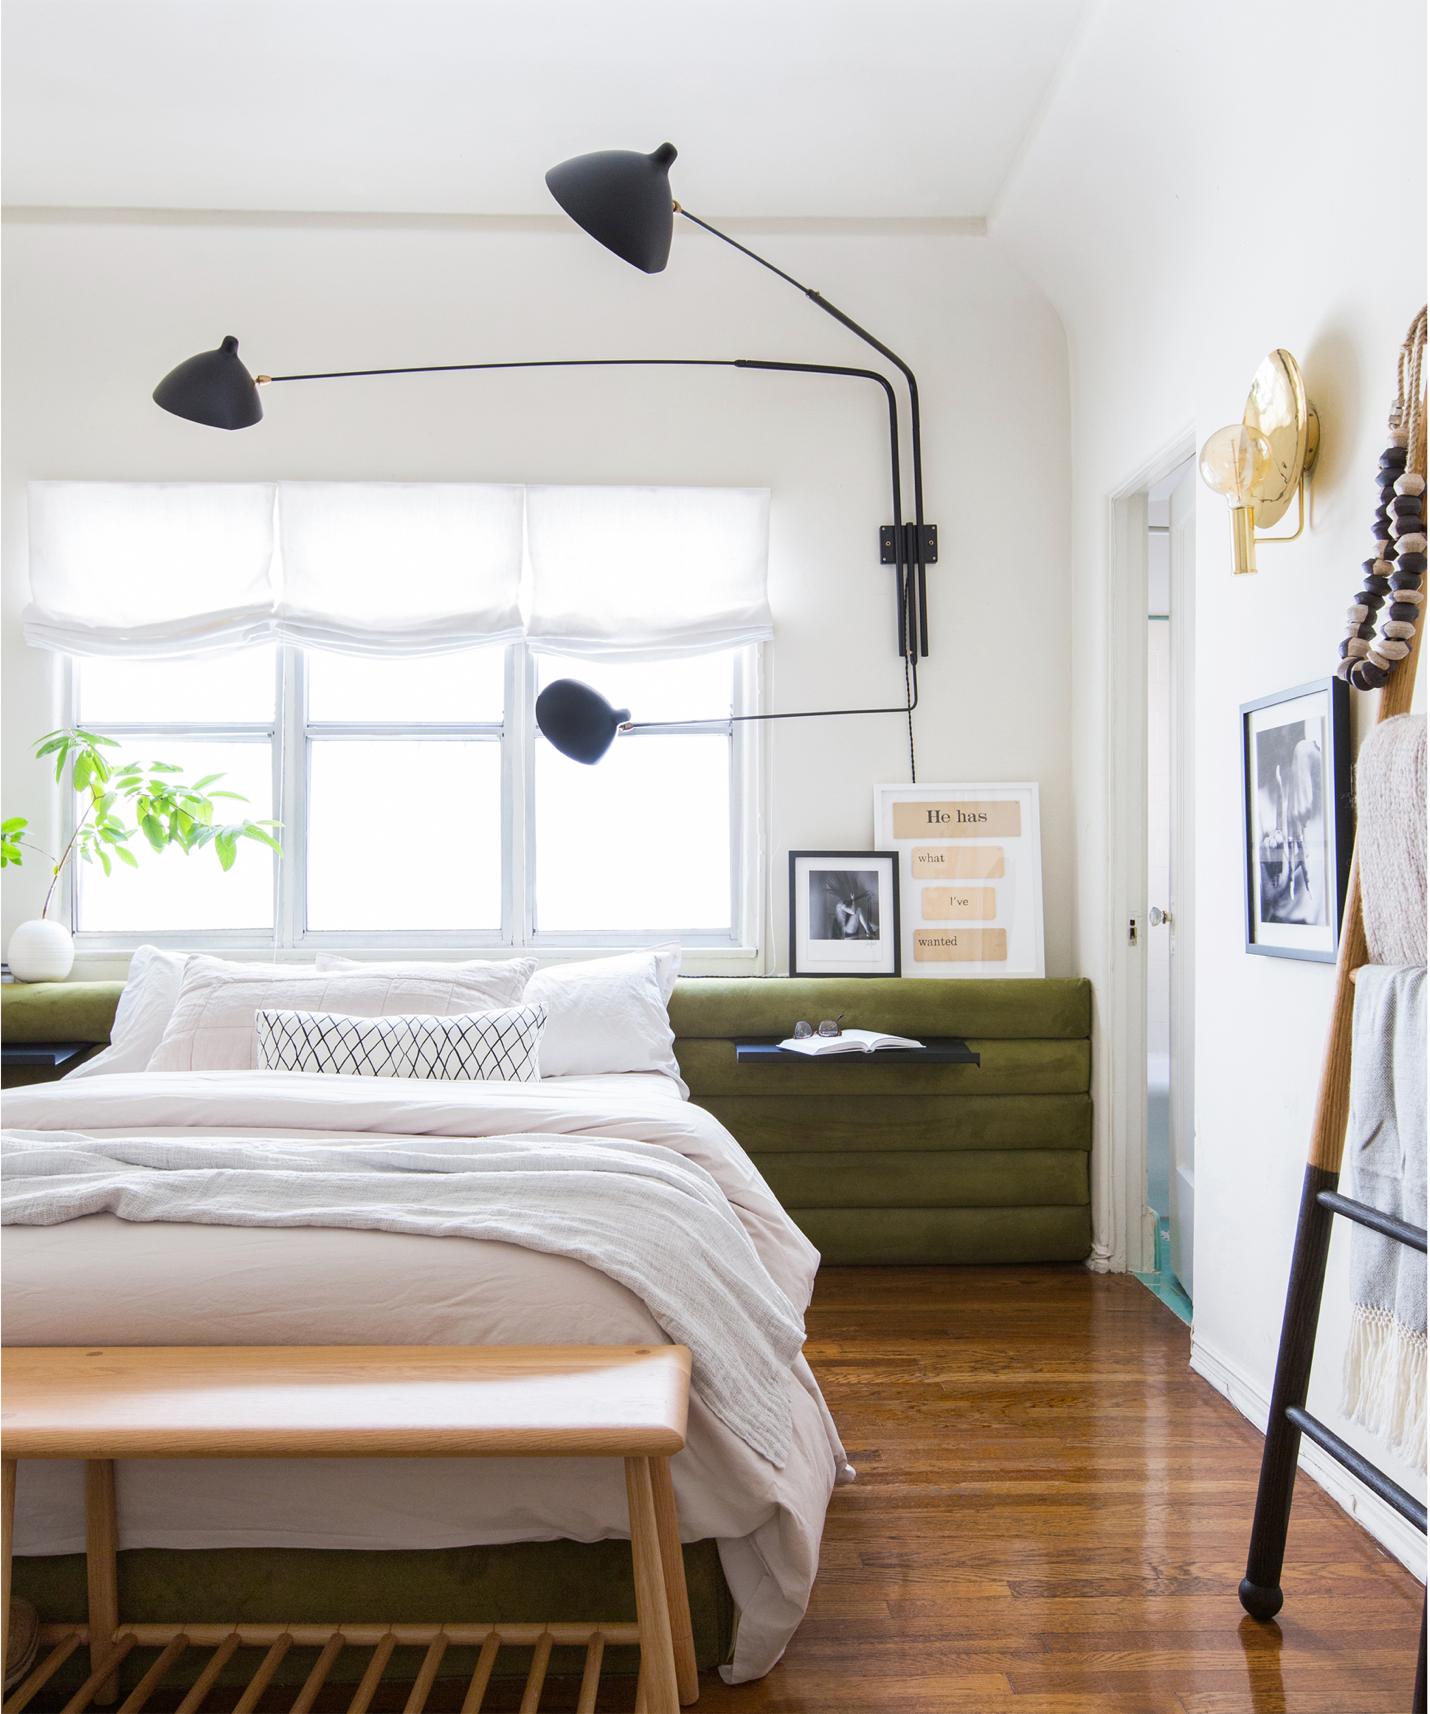 phòng ngủ có cây xanh và chiếc bàn màu xanh lá